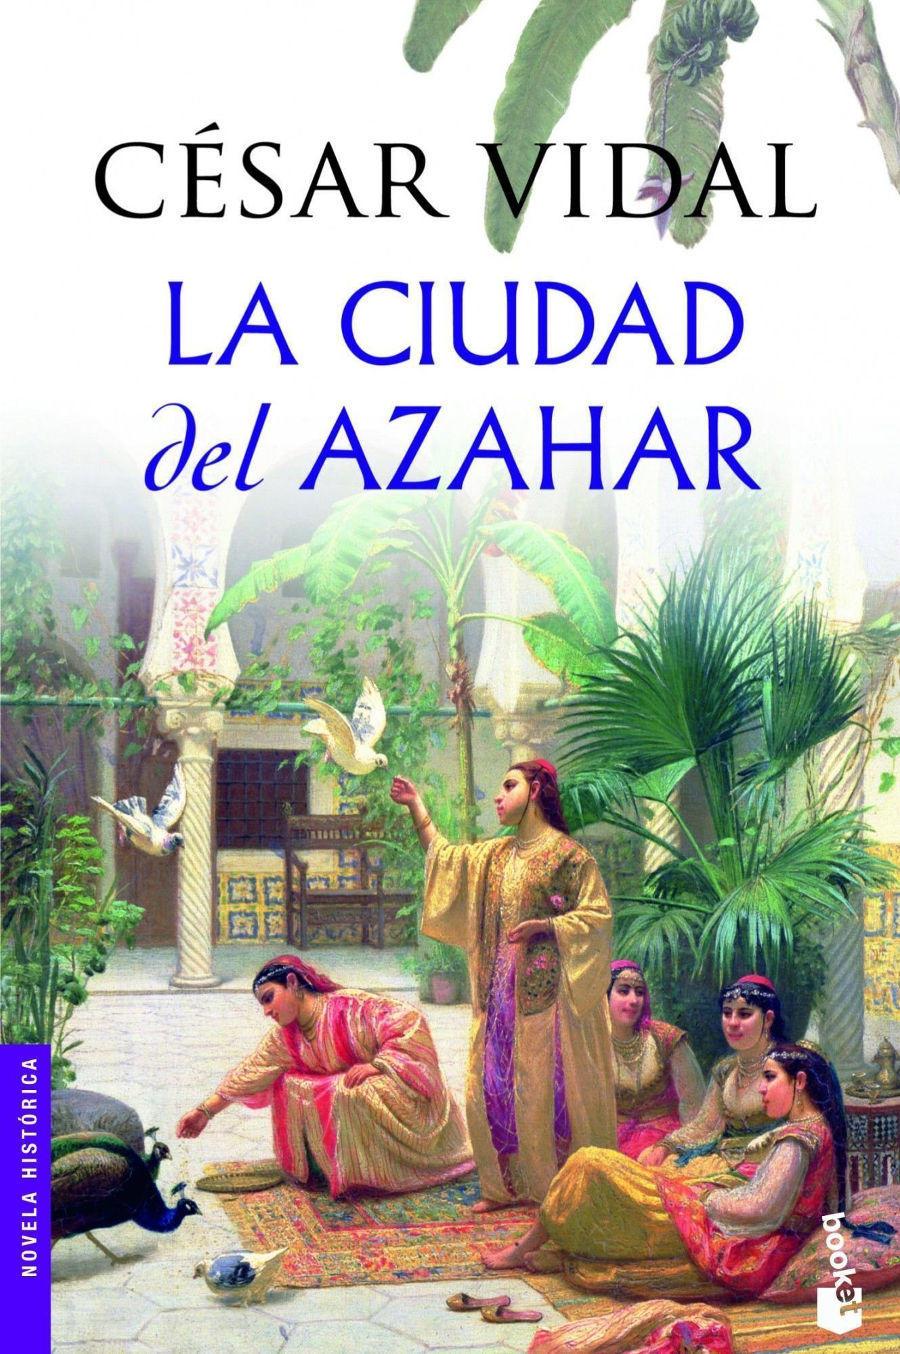 La ciudad del azahar Book Cover